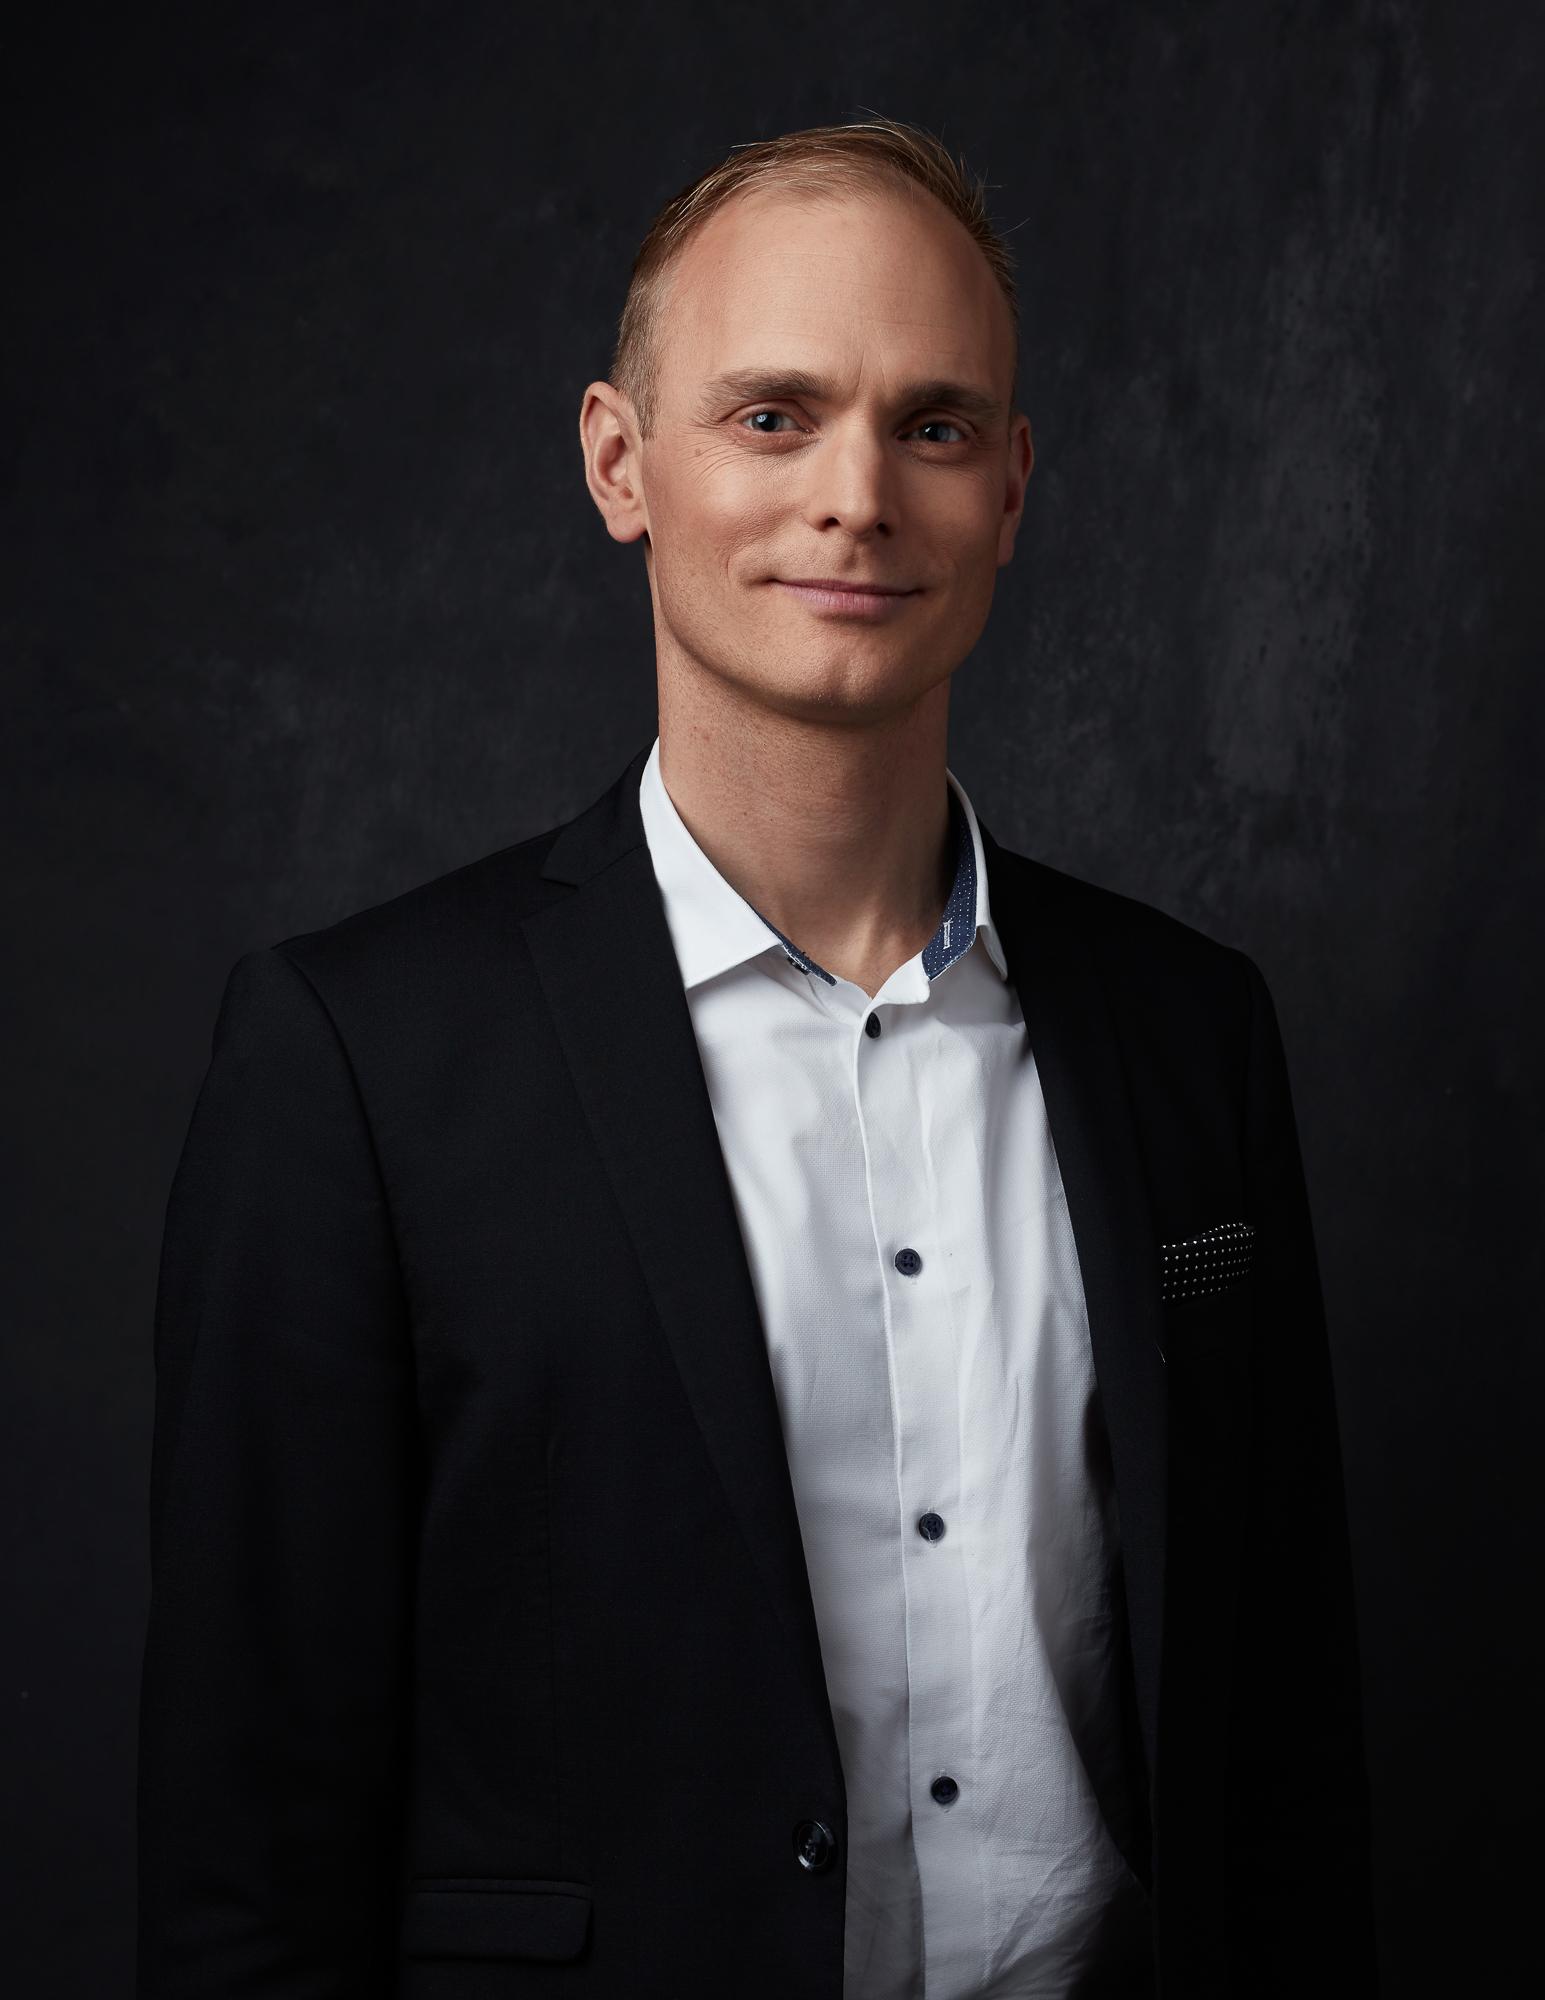 Ulf Claesson